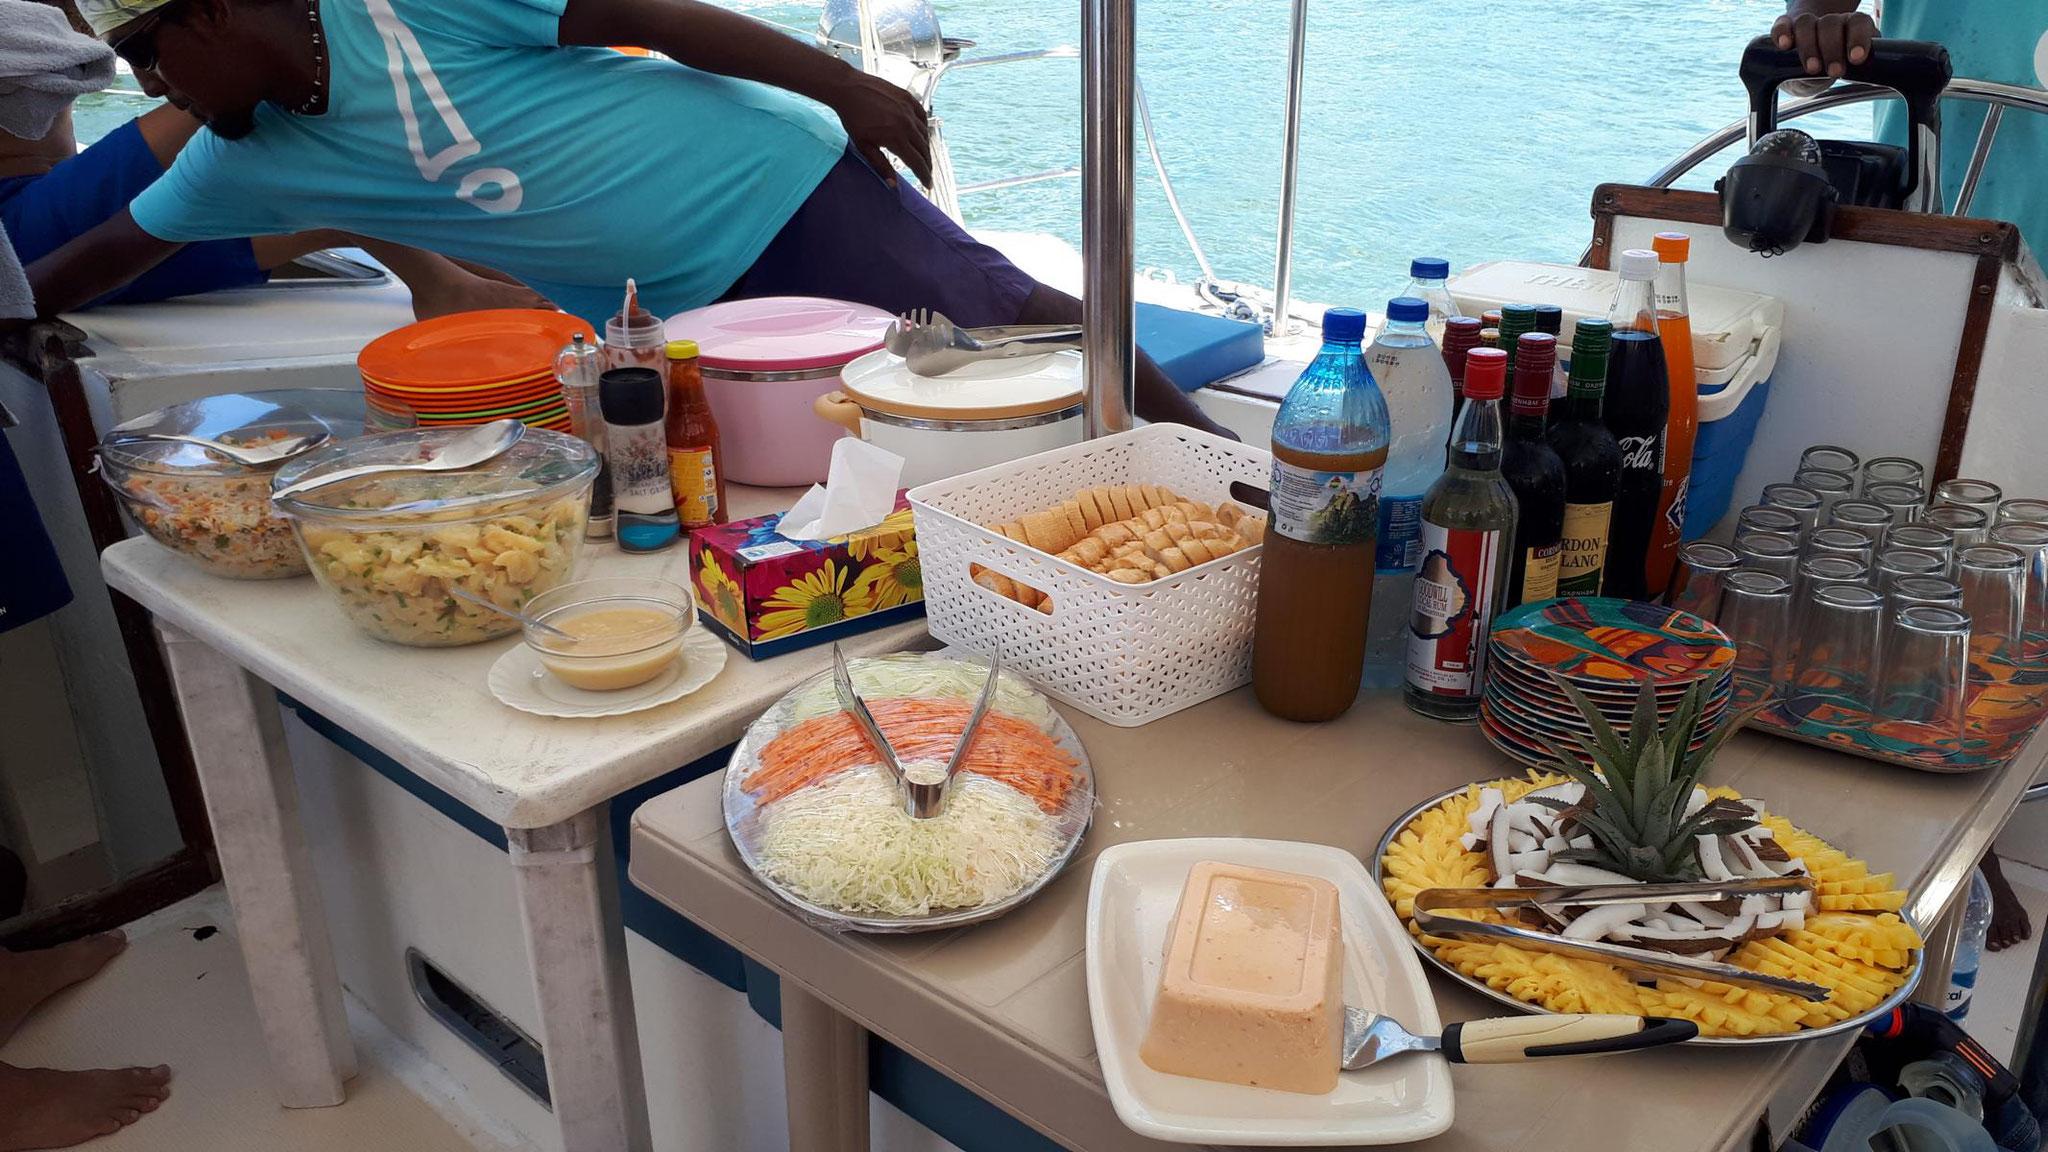 unser Buffet mit Fischpastete, Salat, Obst, gegrilltem Fisch und Huhn, usw.